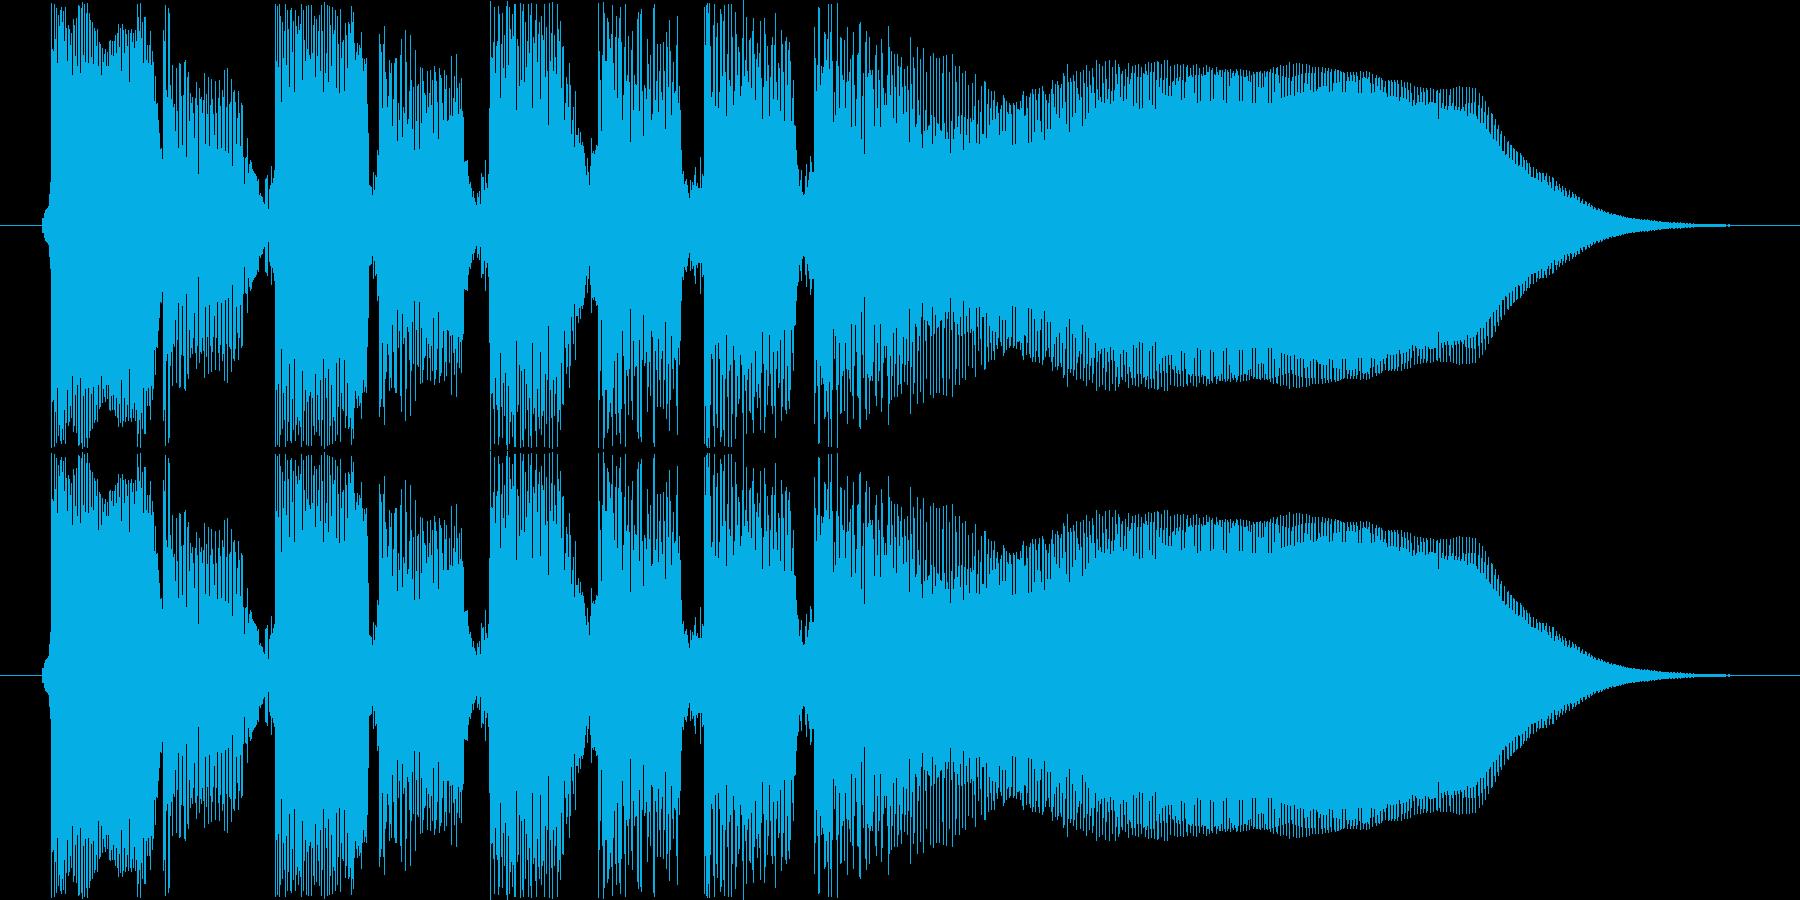 中国系音階のギターハーモニクスフレーズの再生済みの波形